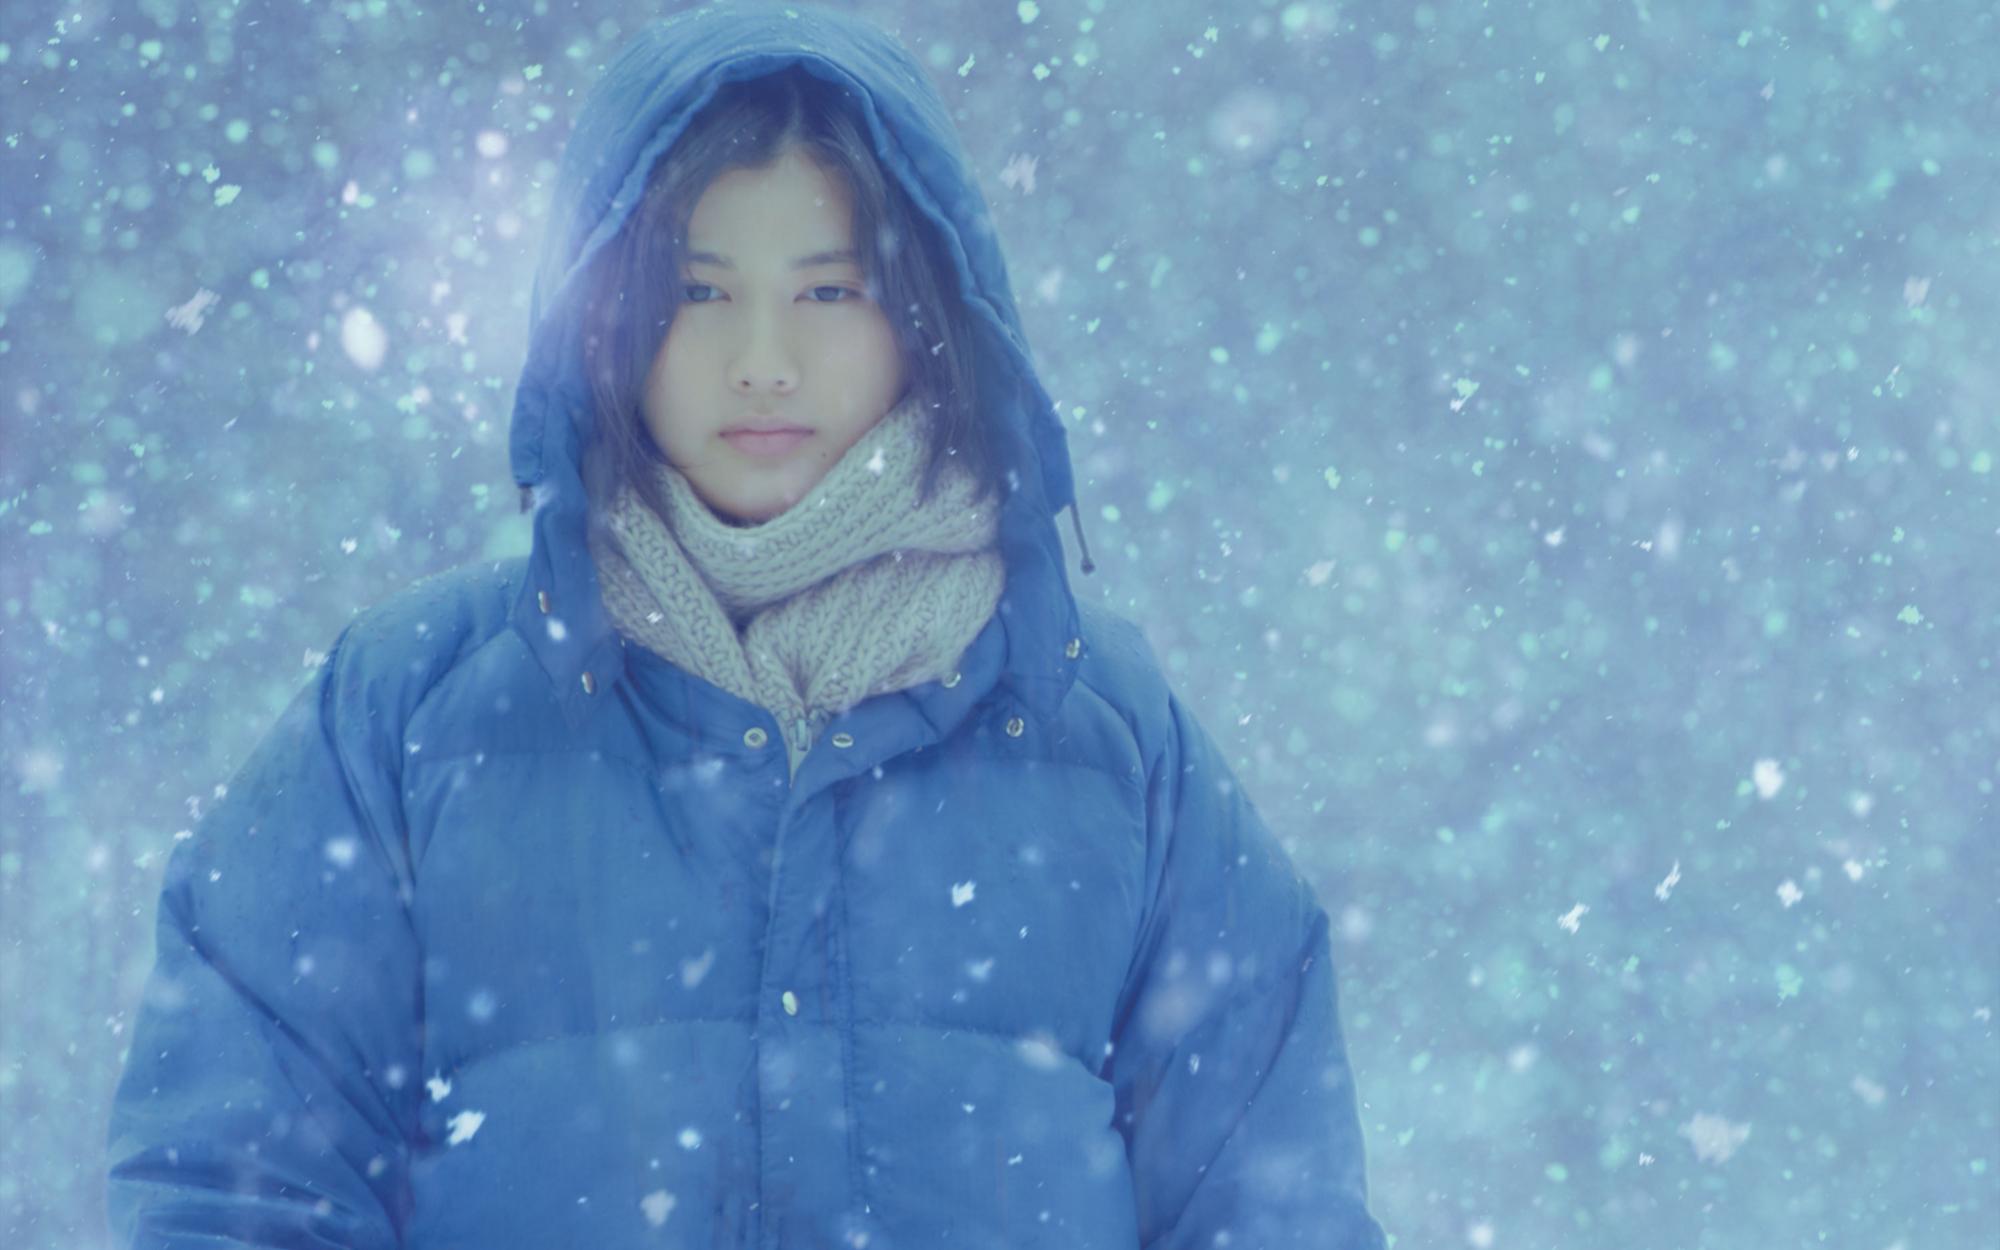 【独家】【何止电影】你看,适合冬天看的电影,我提前给你安排上了《小森林 冬春篇》